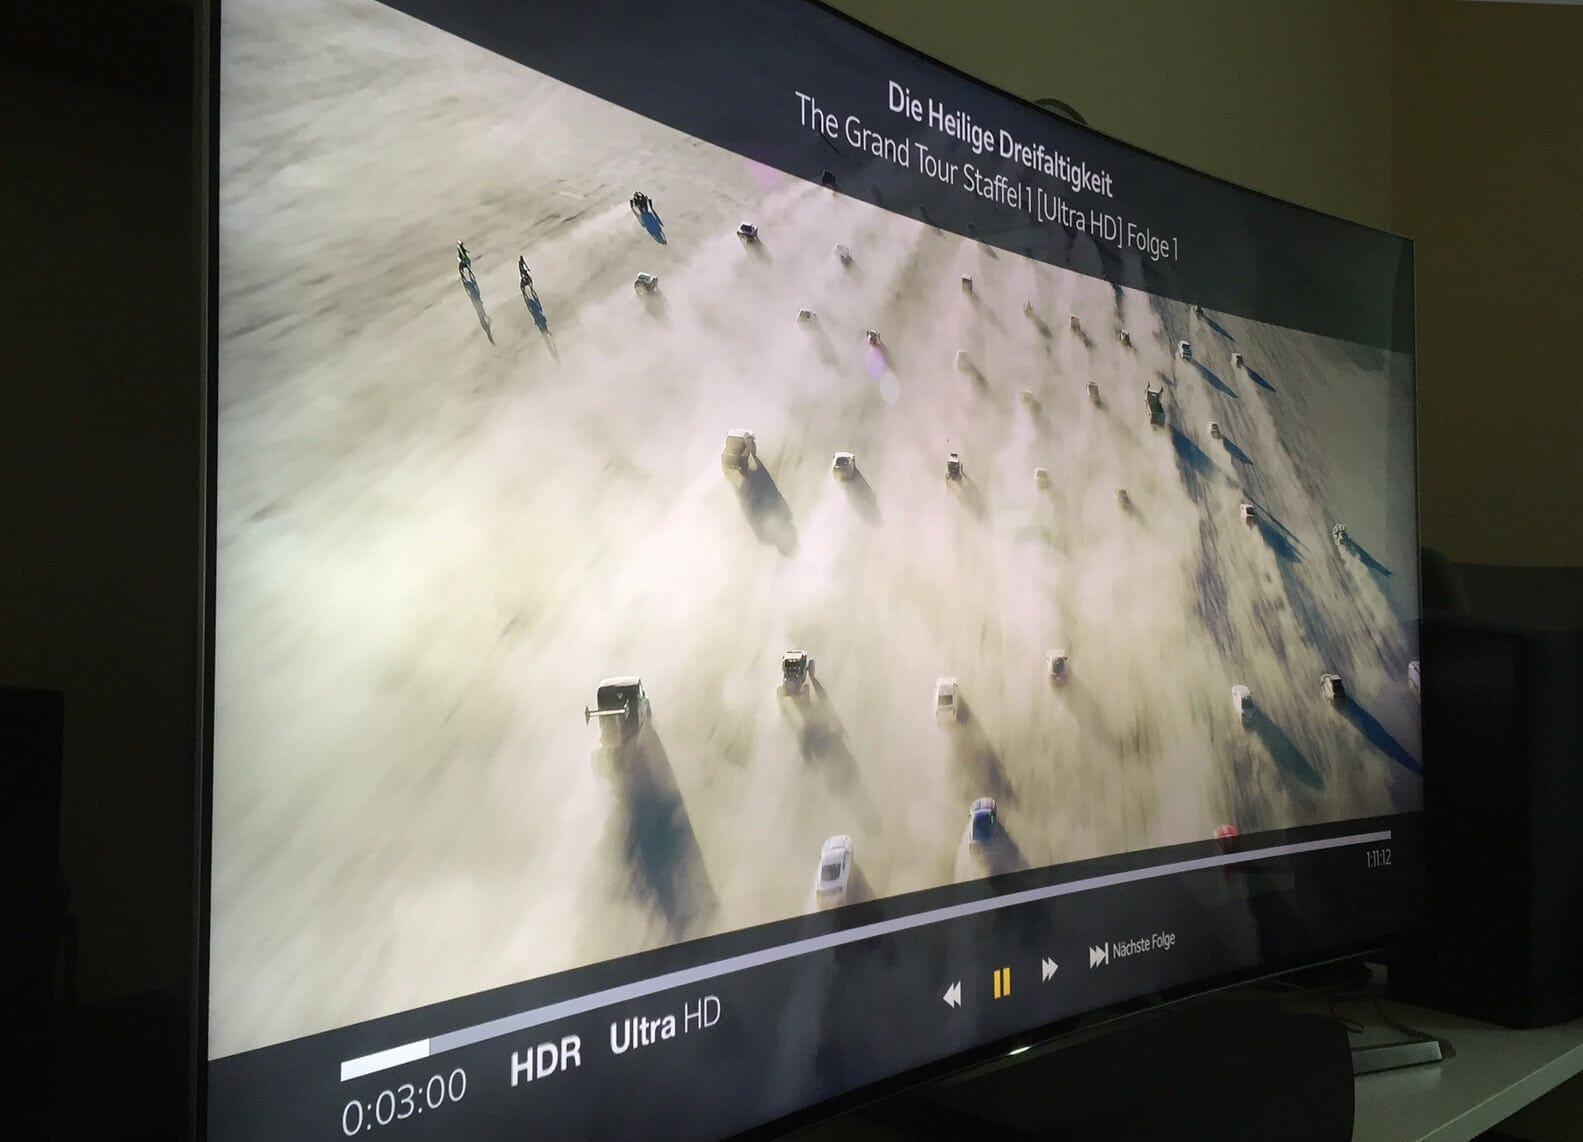 Amazon Video kennzeichnet ab sofort HDR-Inhalte in der Übersicht und bei der Wiedergabe